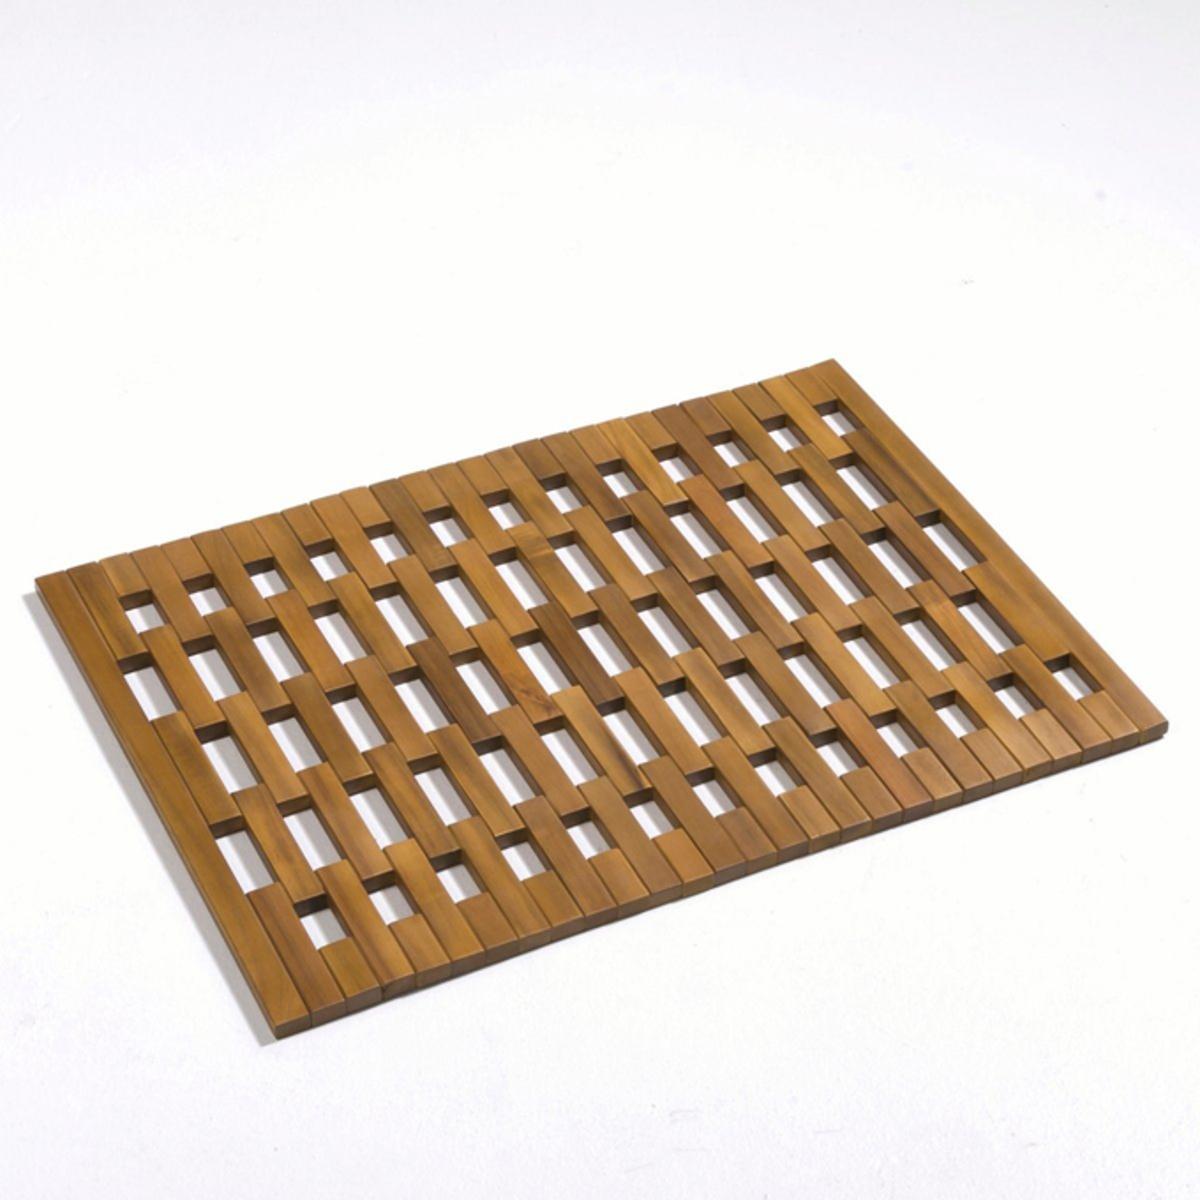 Решетка на пол ванной комнаты, из акацииХарактеристики решетки :- Массив акации, масляное покрытие под тик.- Общие. размеры : 70 x 50 см, толщина. 1,5 см.- Вес : 2 кг.<br><br>Цвет: акация<br>Размер: единый размер